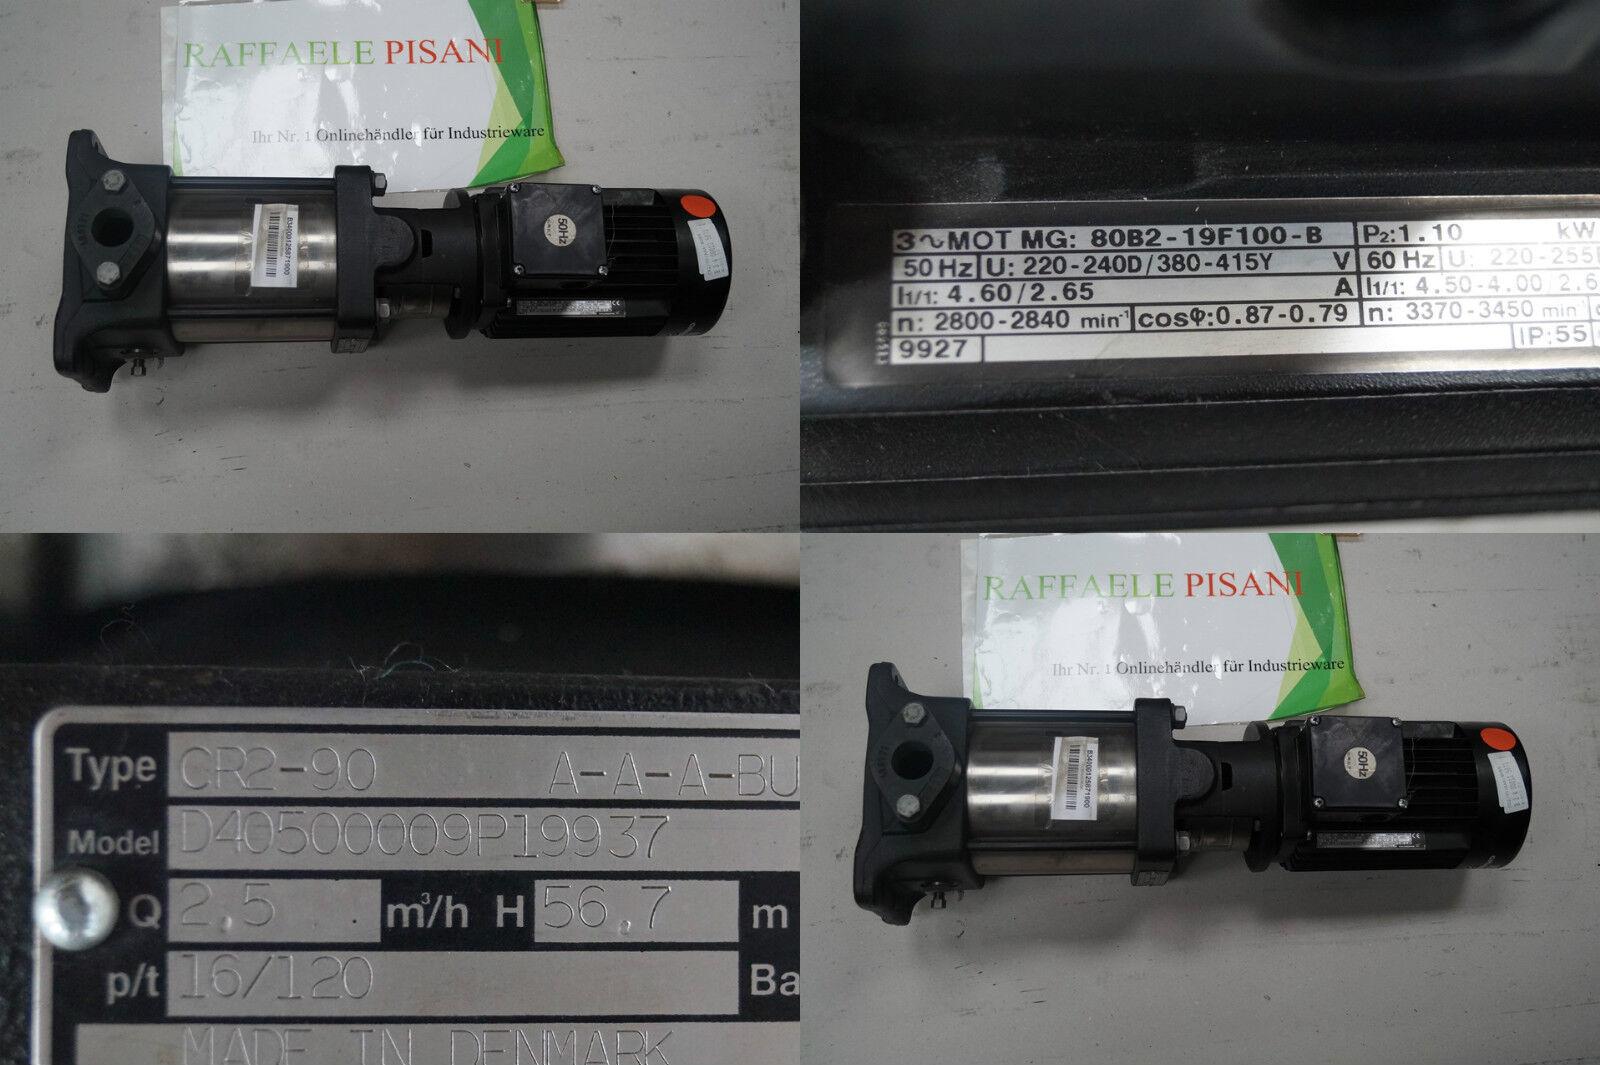 GRUNDFASS CR2-90 A-A-ABUBE UNBENUTZT [111730515191] - $43.99 ...